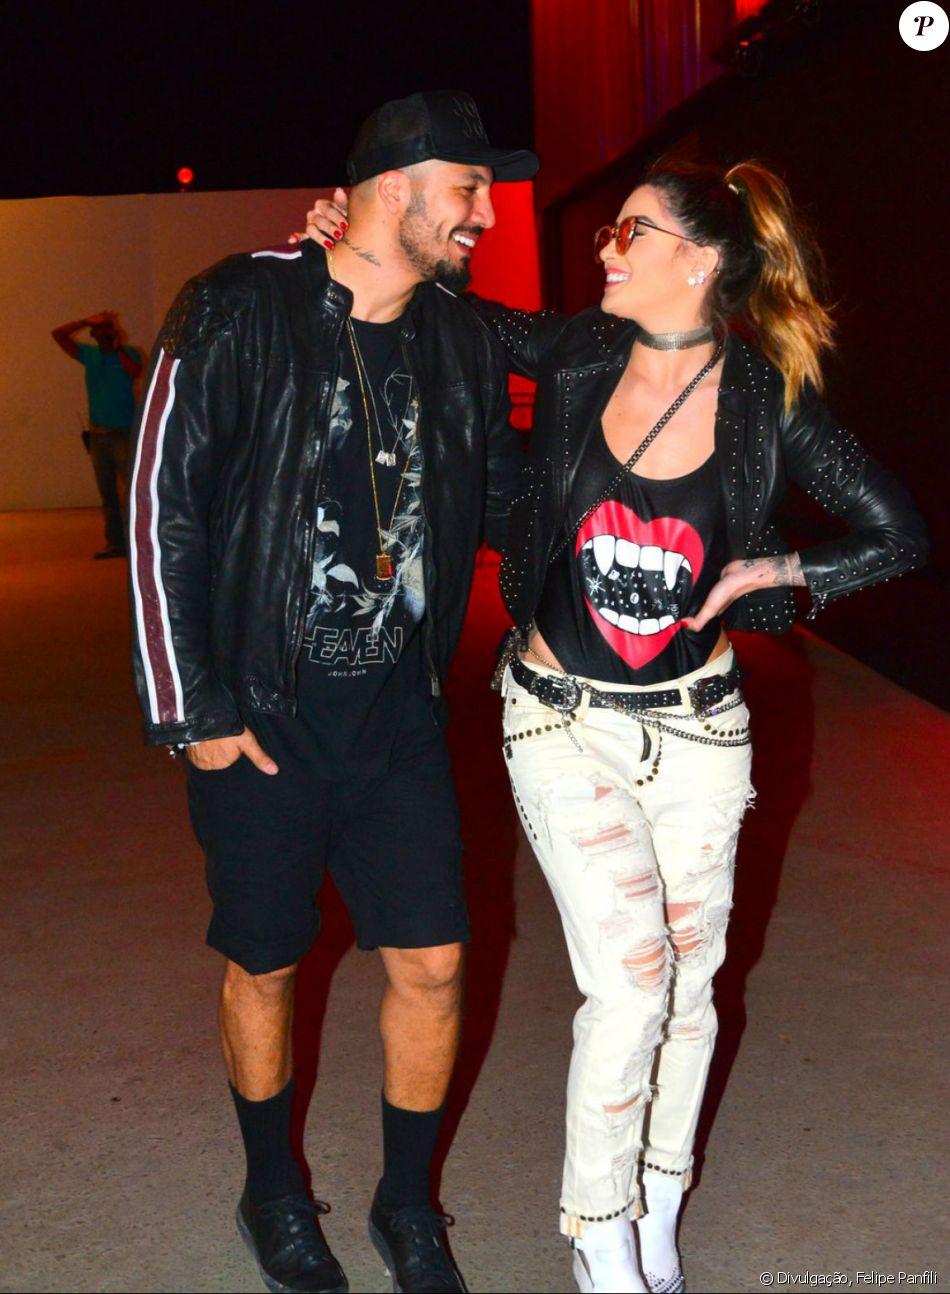 Fernando Medeiros afastou os rumores de crise no casamento com Aline Gotschalg nesta segunda-feira, 16 de outubro de 2017